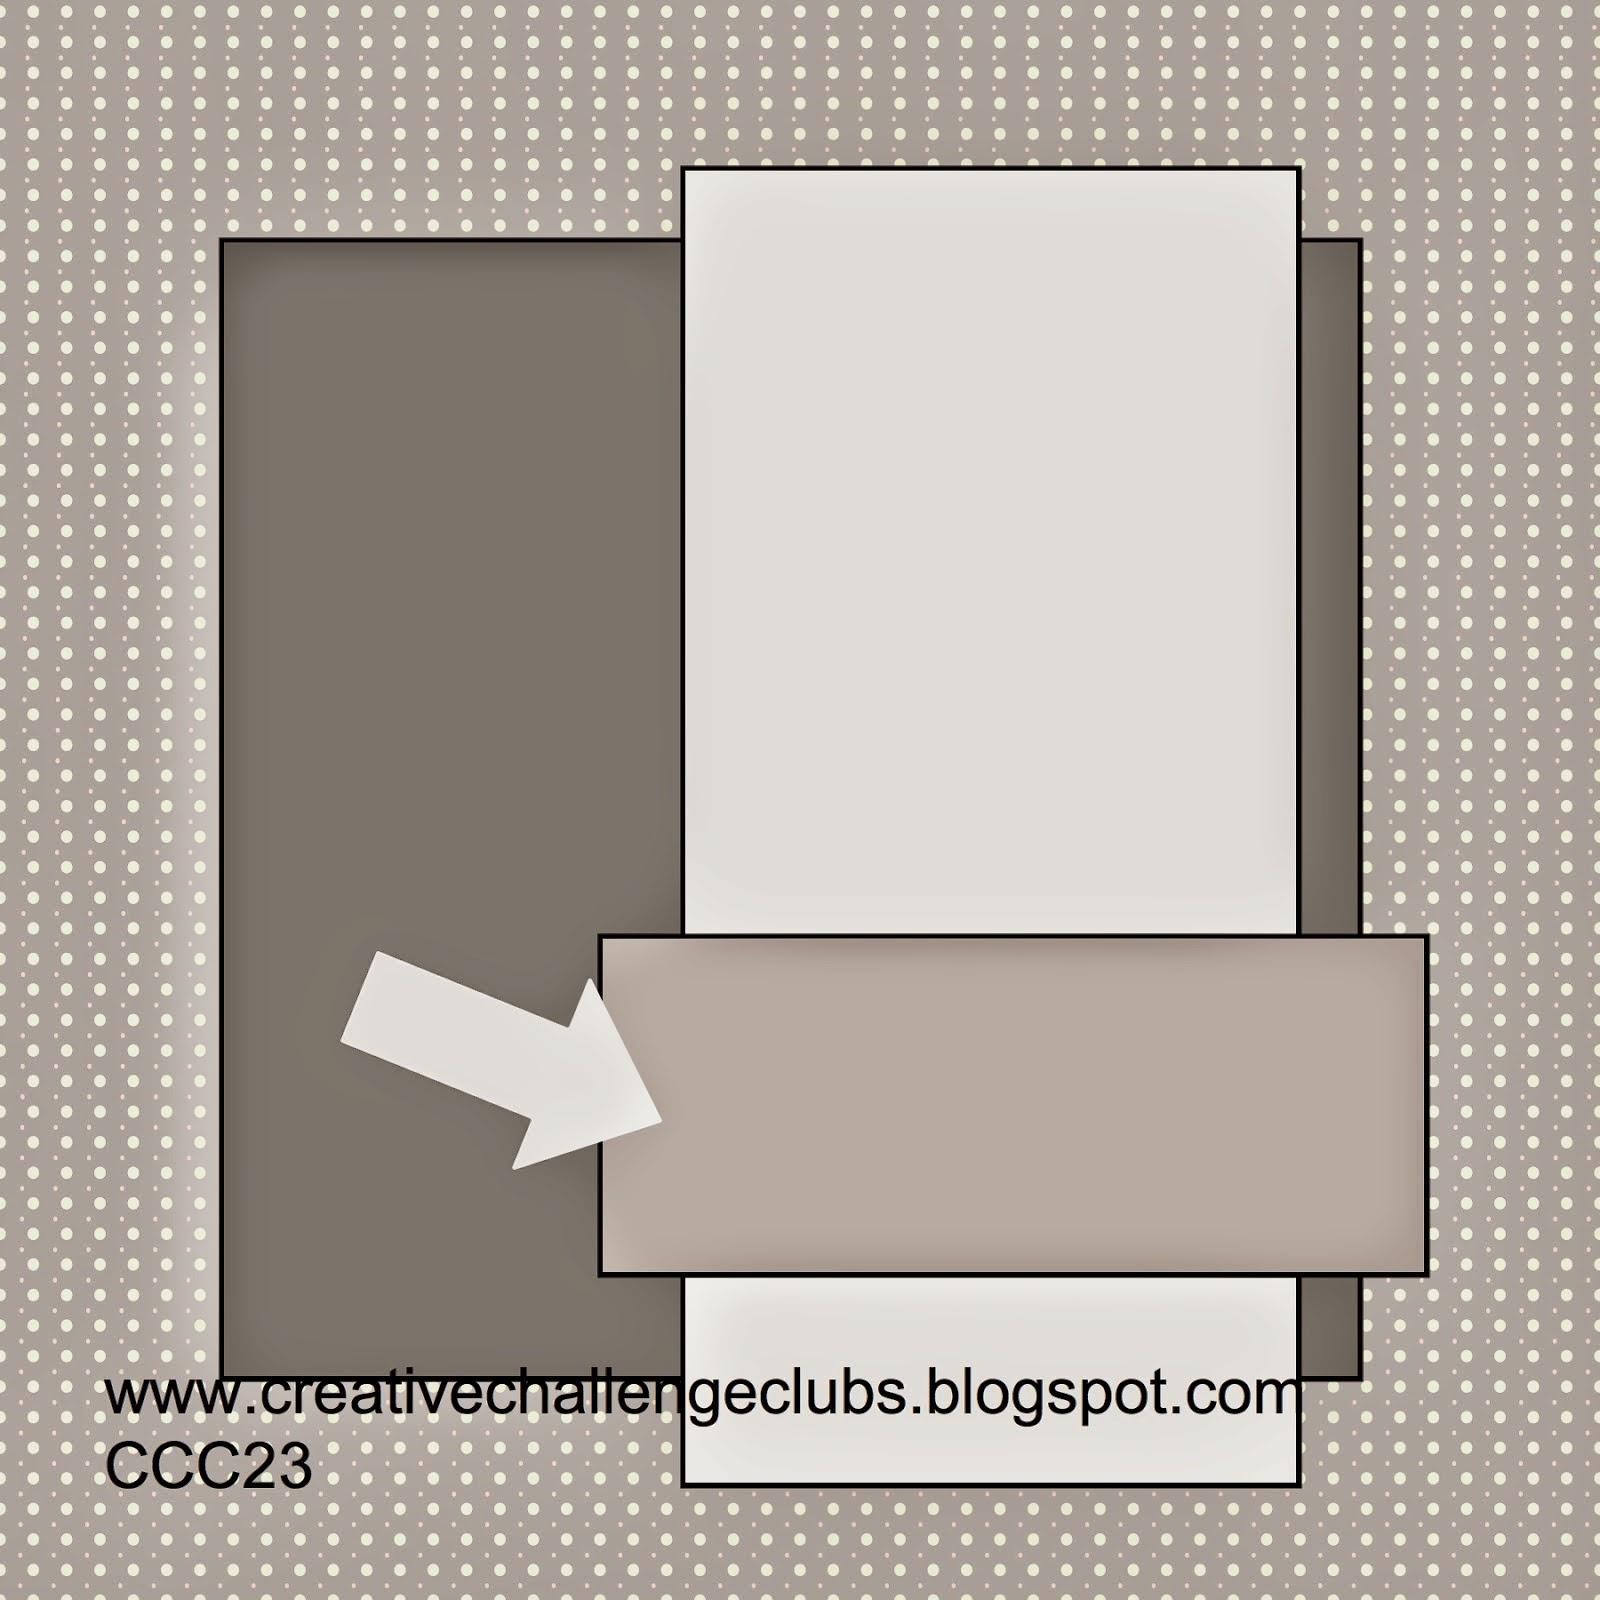 http://creativechallengeclubs.blogspot.com/2014/11/ccc23.html